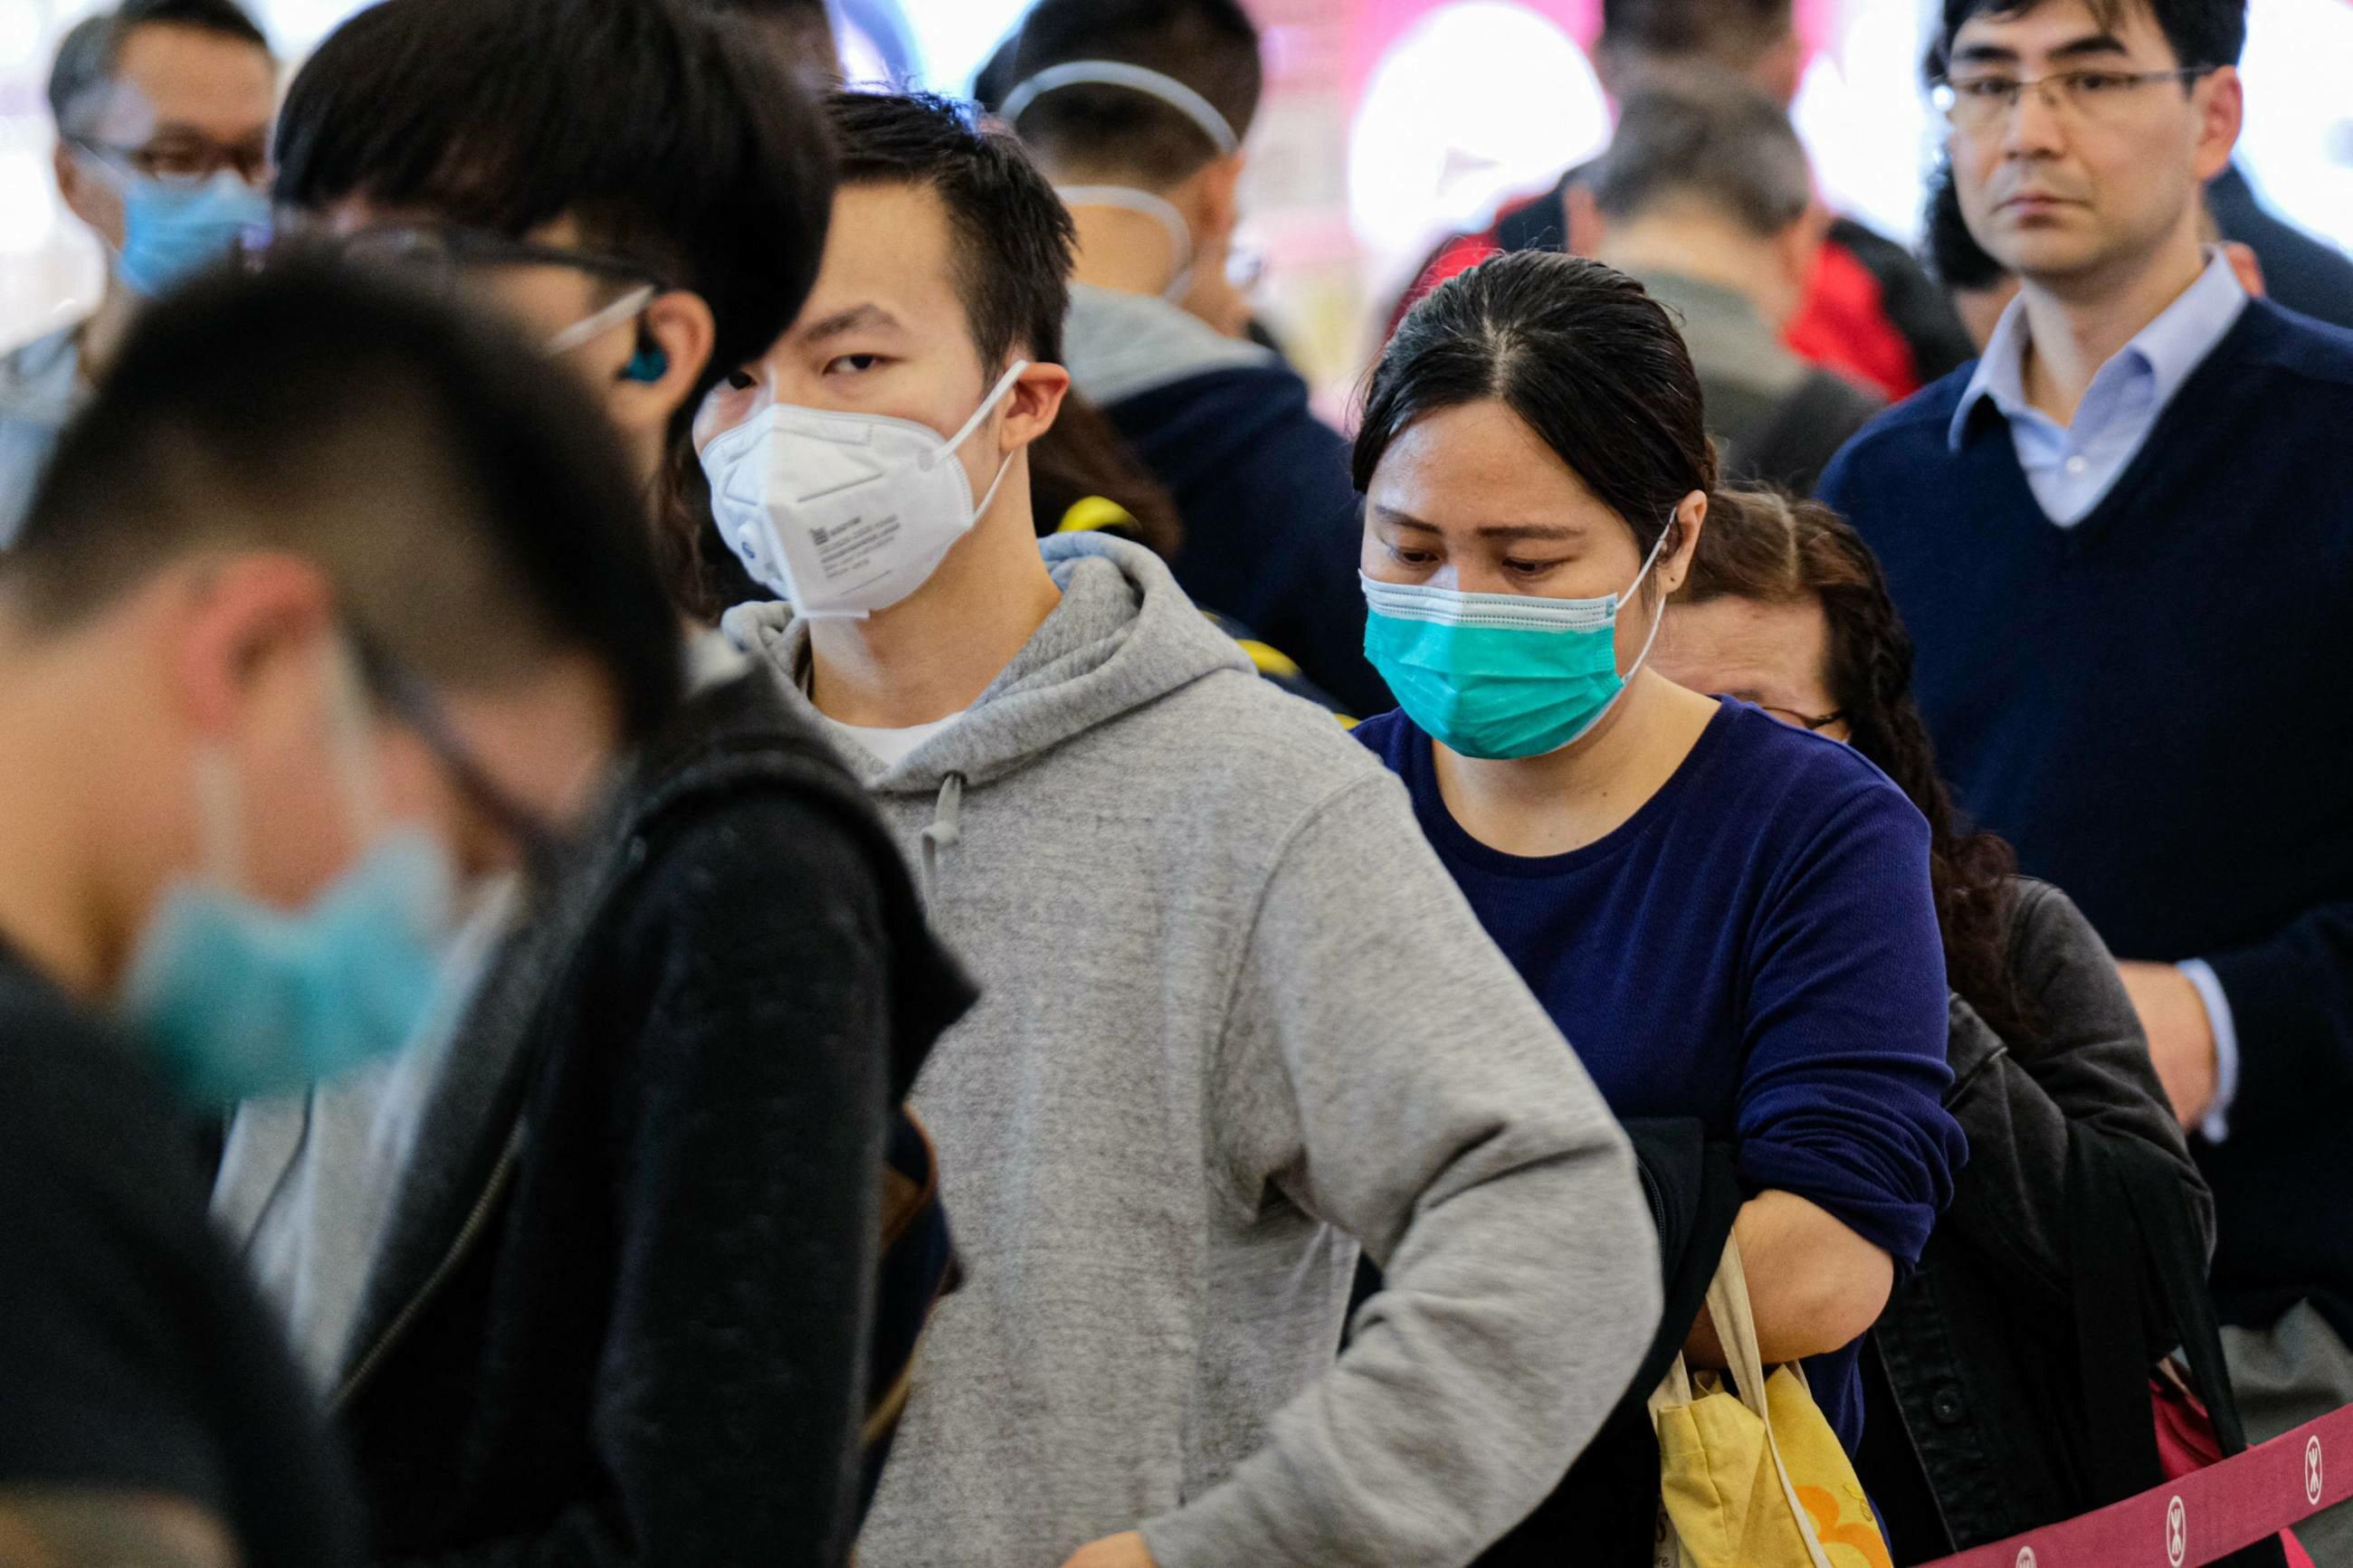 Dodatkowe kontrole na lotniskach zabezpieczą świat przed koronawirusem?